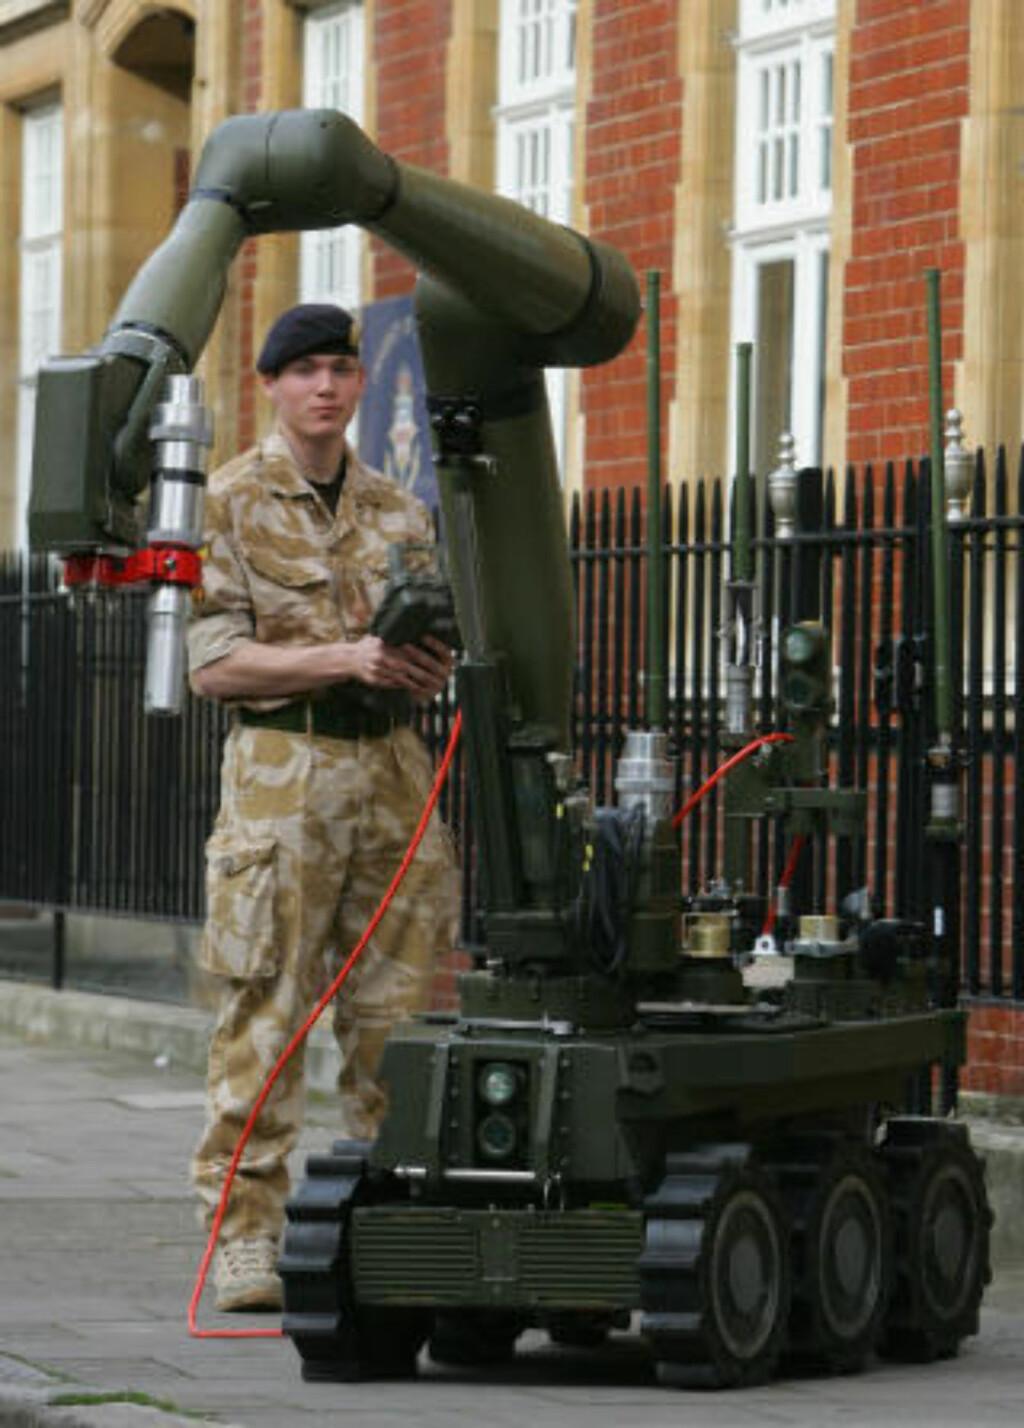 STOREBROR: Visekorporal Ben Miller viser frem den nye og større bomberoboten «Cutlass». Den vil neste år erstatte britenes gode gamle «trillebåren» som har vært i tjeneste siden 70-tallet. Foto: AFP/GEOFF CADDICK/SCANPIX